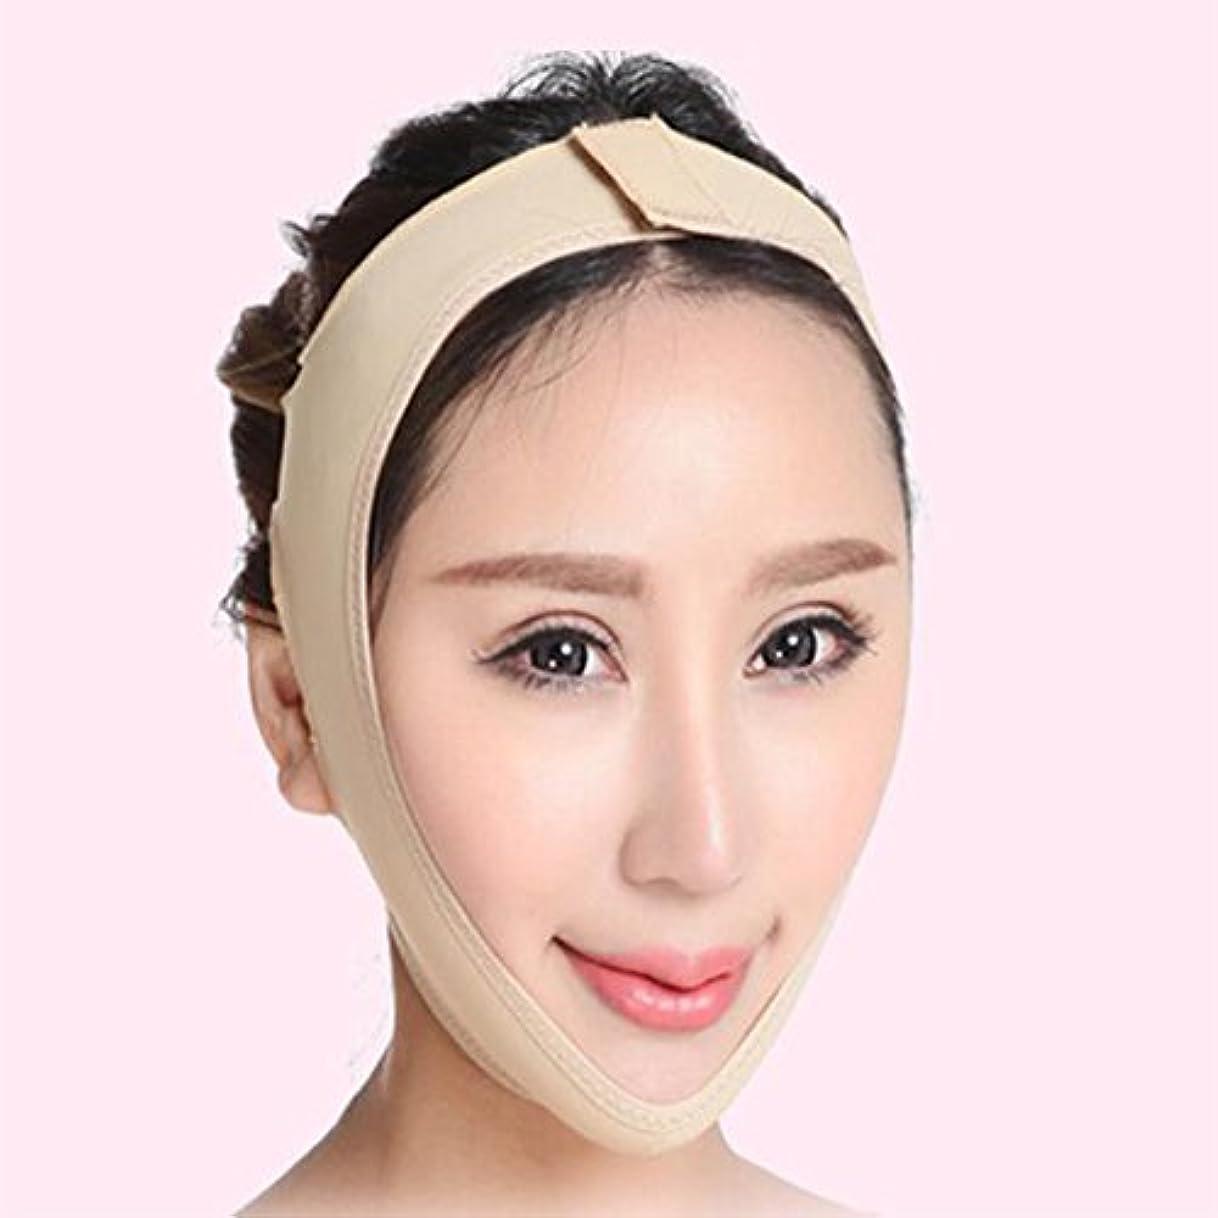 騒々しい専門用語で出来ている1stモール 小顔 小顔マスク リフトアップ マスク フェイスライン 矯正 あご シャープ メンズ レディース Sサイズ ST-AZD15003-S